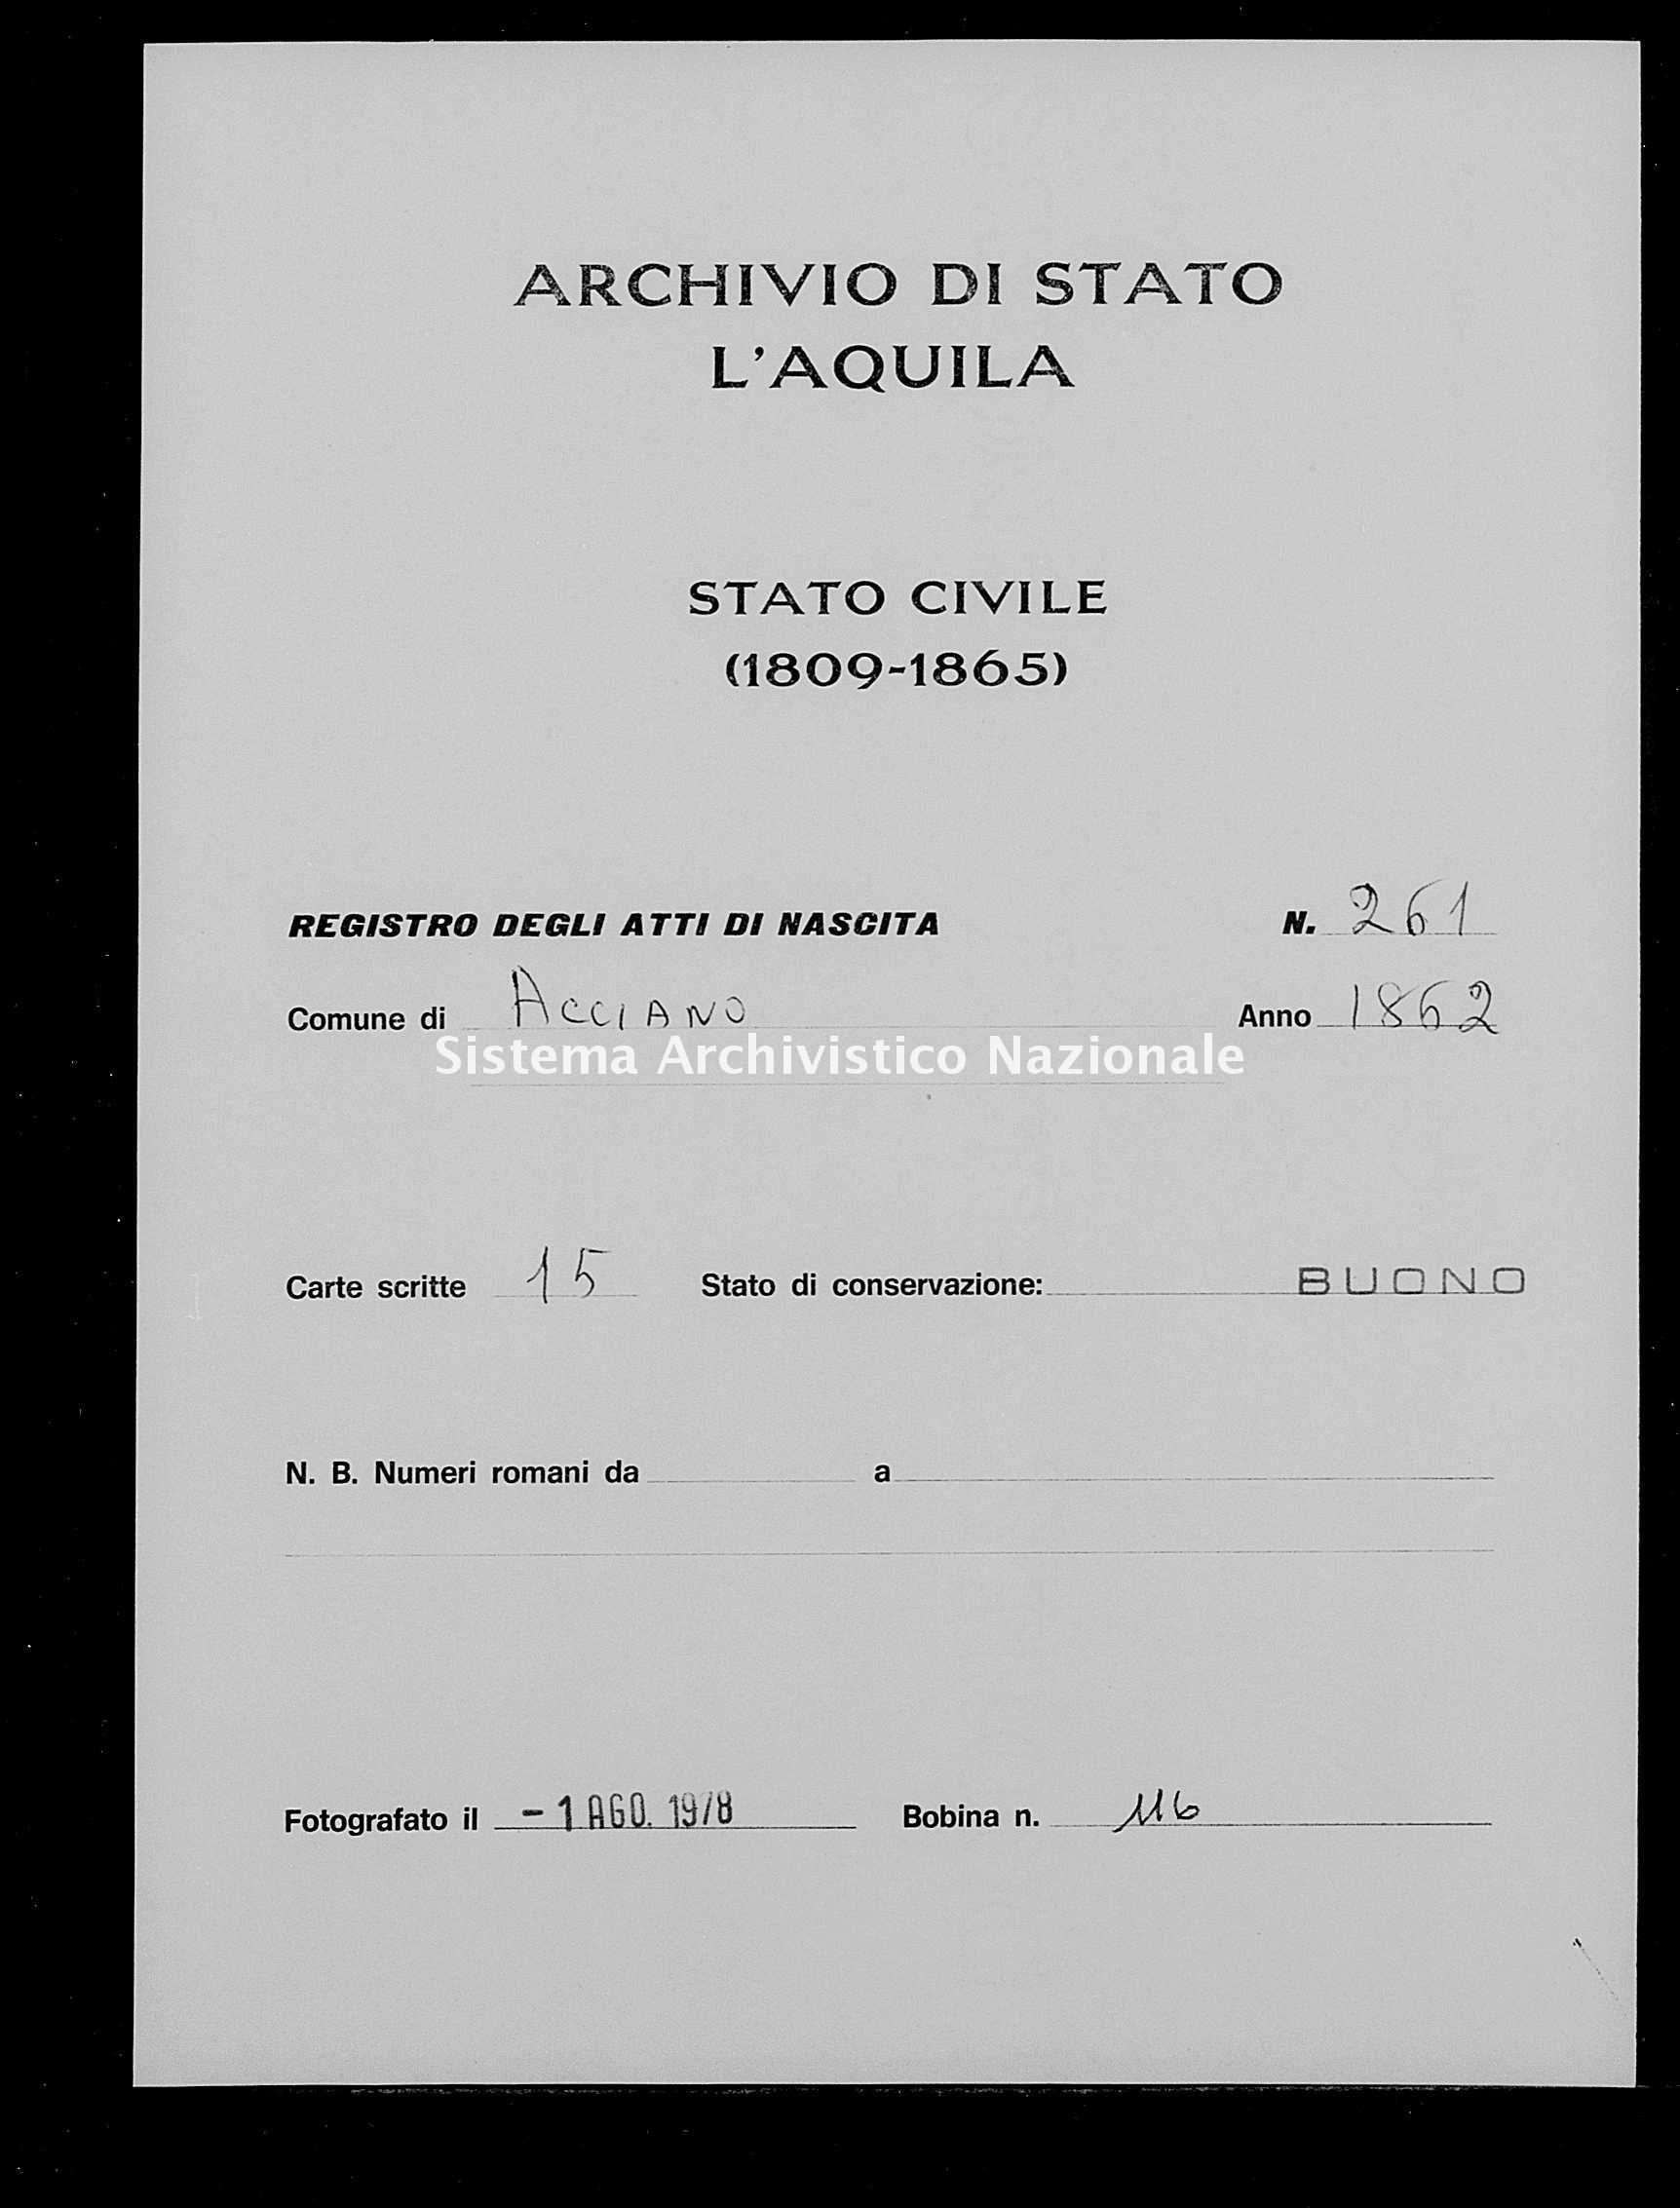 Archivio di stato di L'aquila - Stato civile italiano - Acciano - Nati - 1862 - 261 -